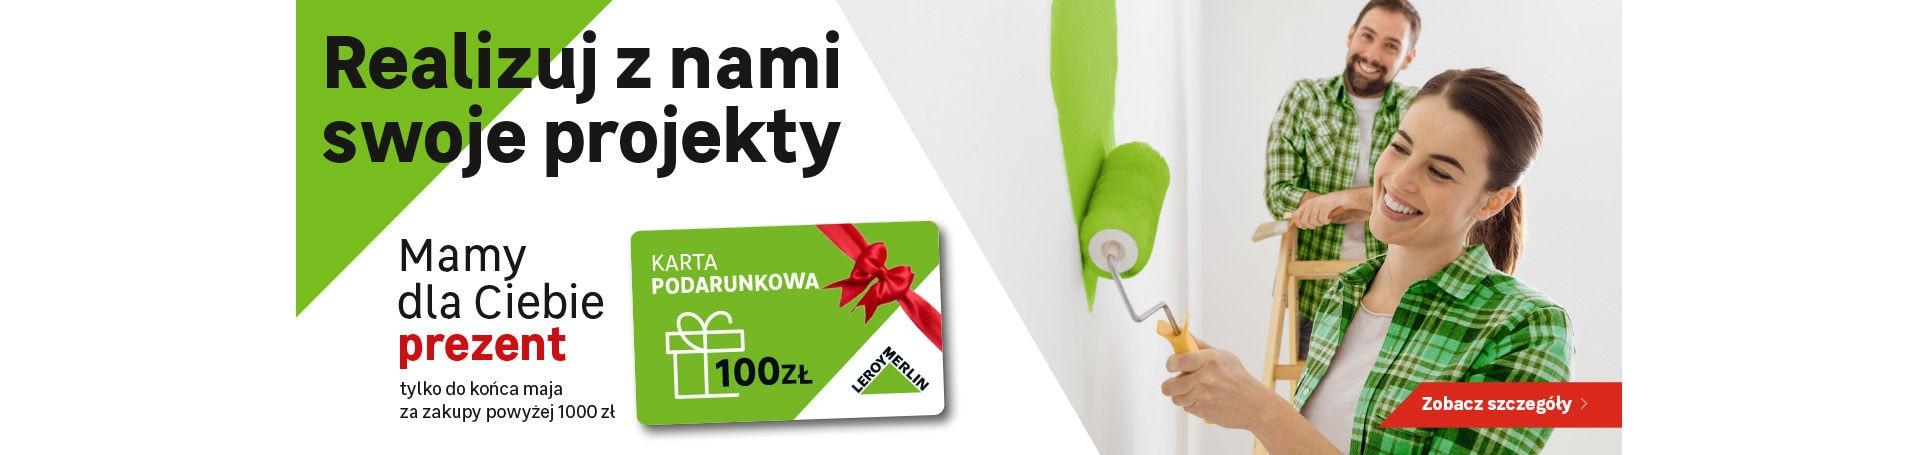 ps-karta-100za1000-maj-2020-1920x455